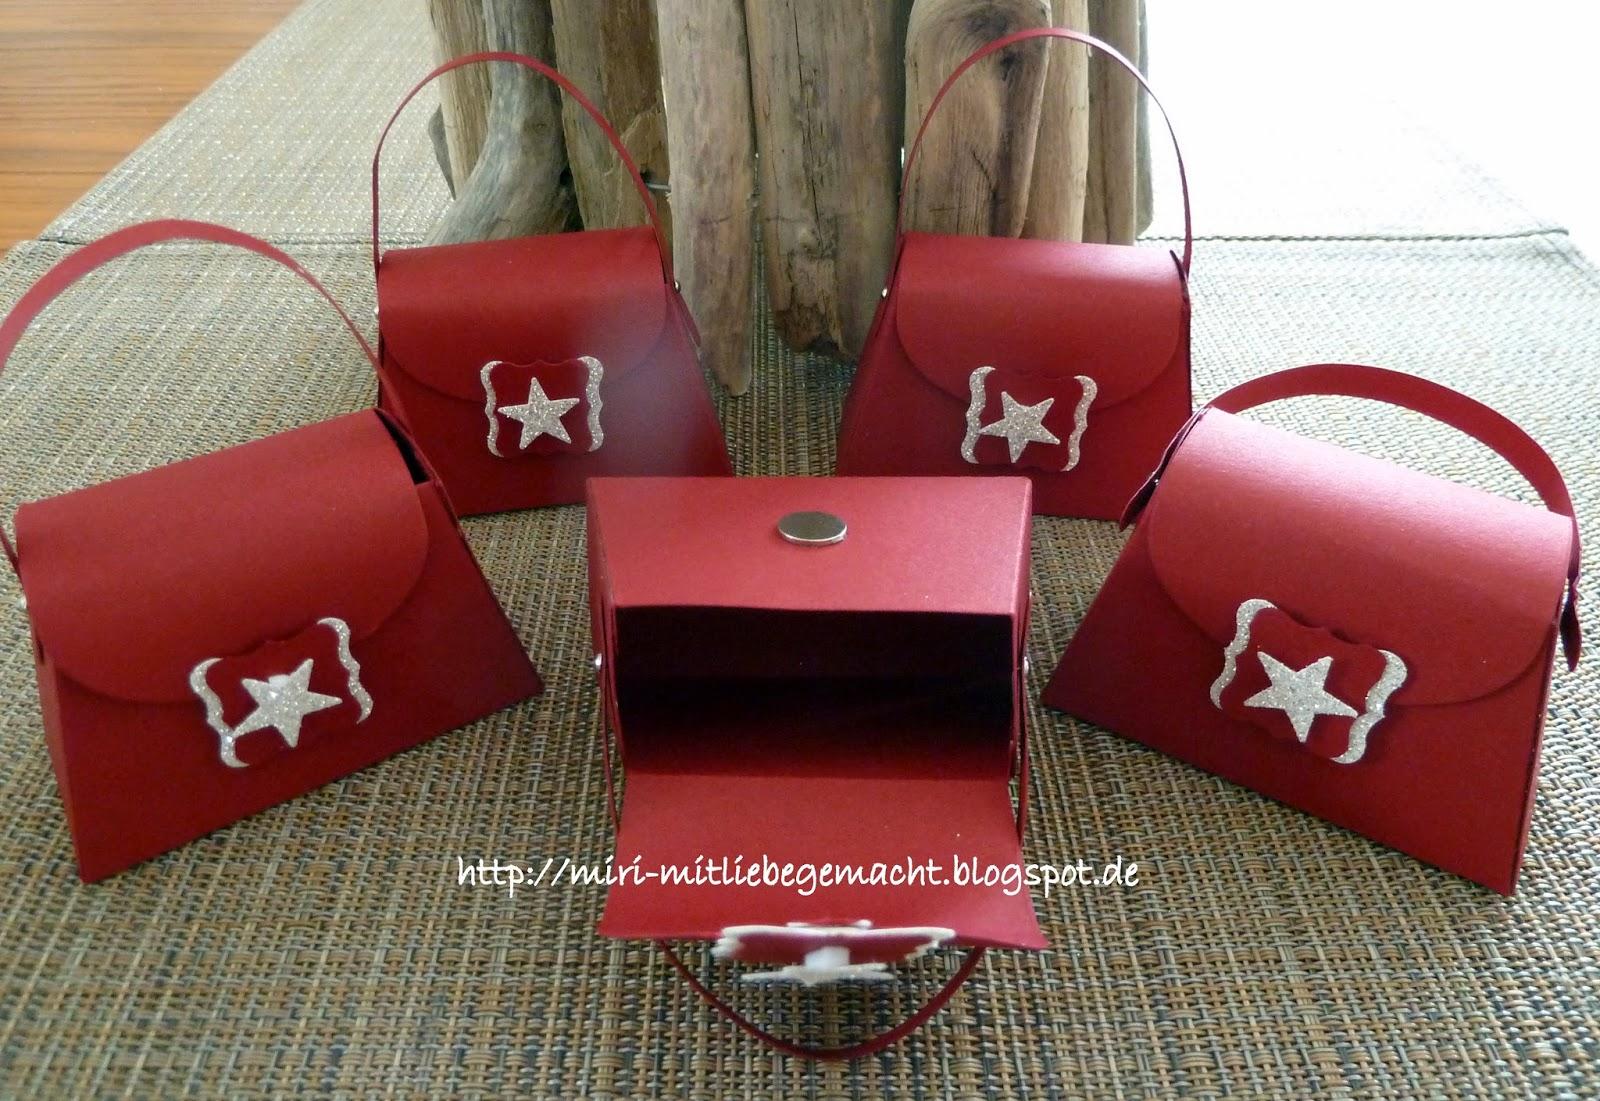 miri mitliebegemacht weihnachtliche impressionen. Black Bedroom Furniture Sets. Home Design Ideas